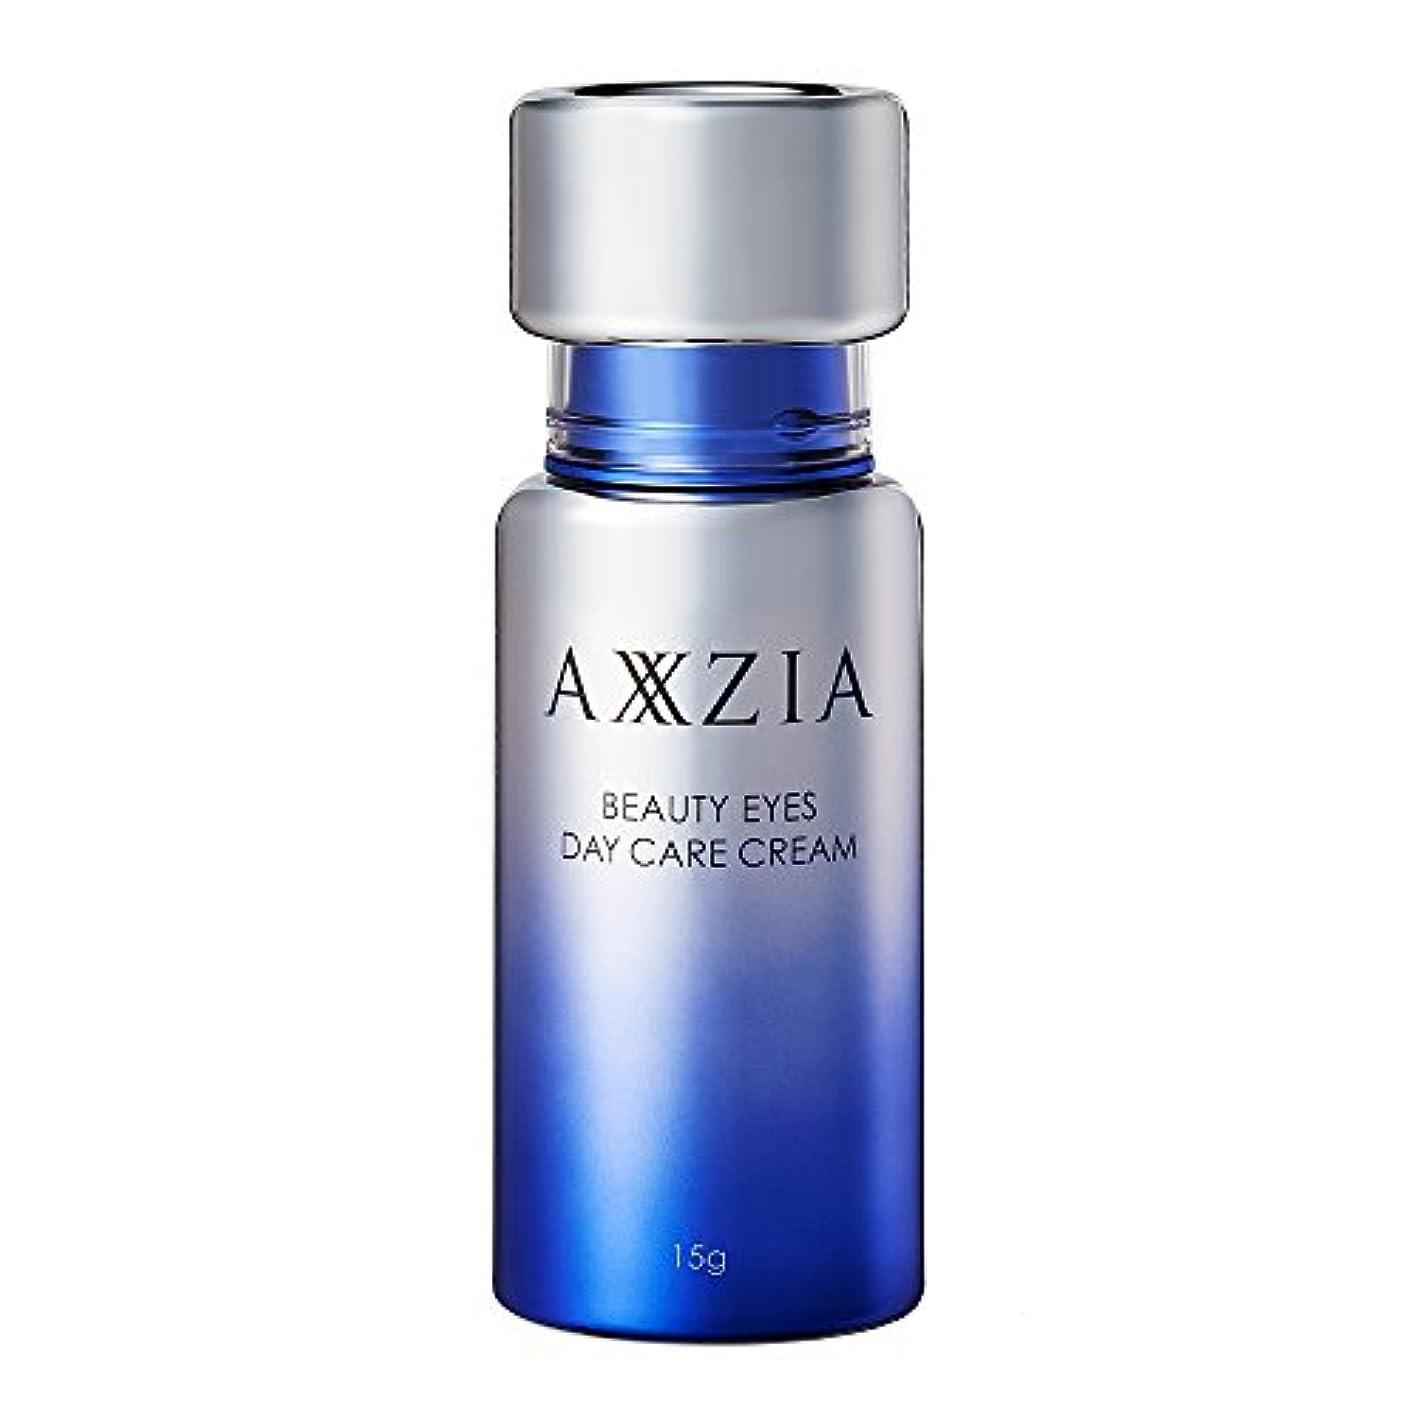 種類公園増強するアクシージア (AXXZIA) ビューティアイズ デイ ケア クリーム 15g   アイクリーム 目の下のたるみ 化粧品 解消 目元のたるみ